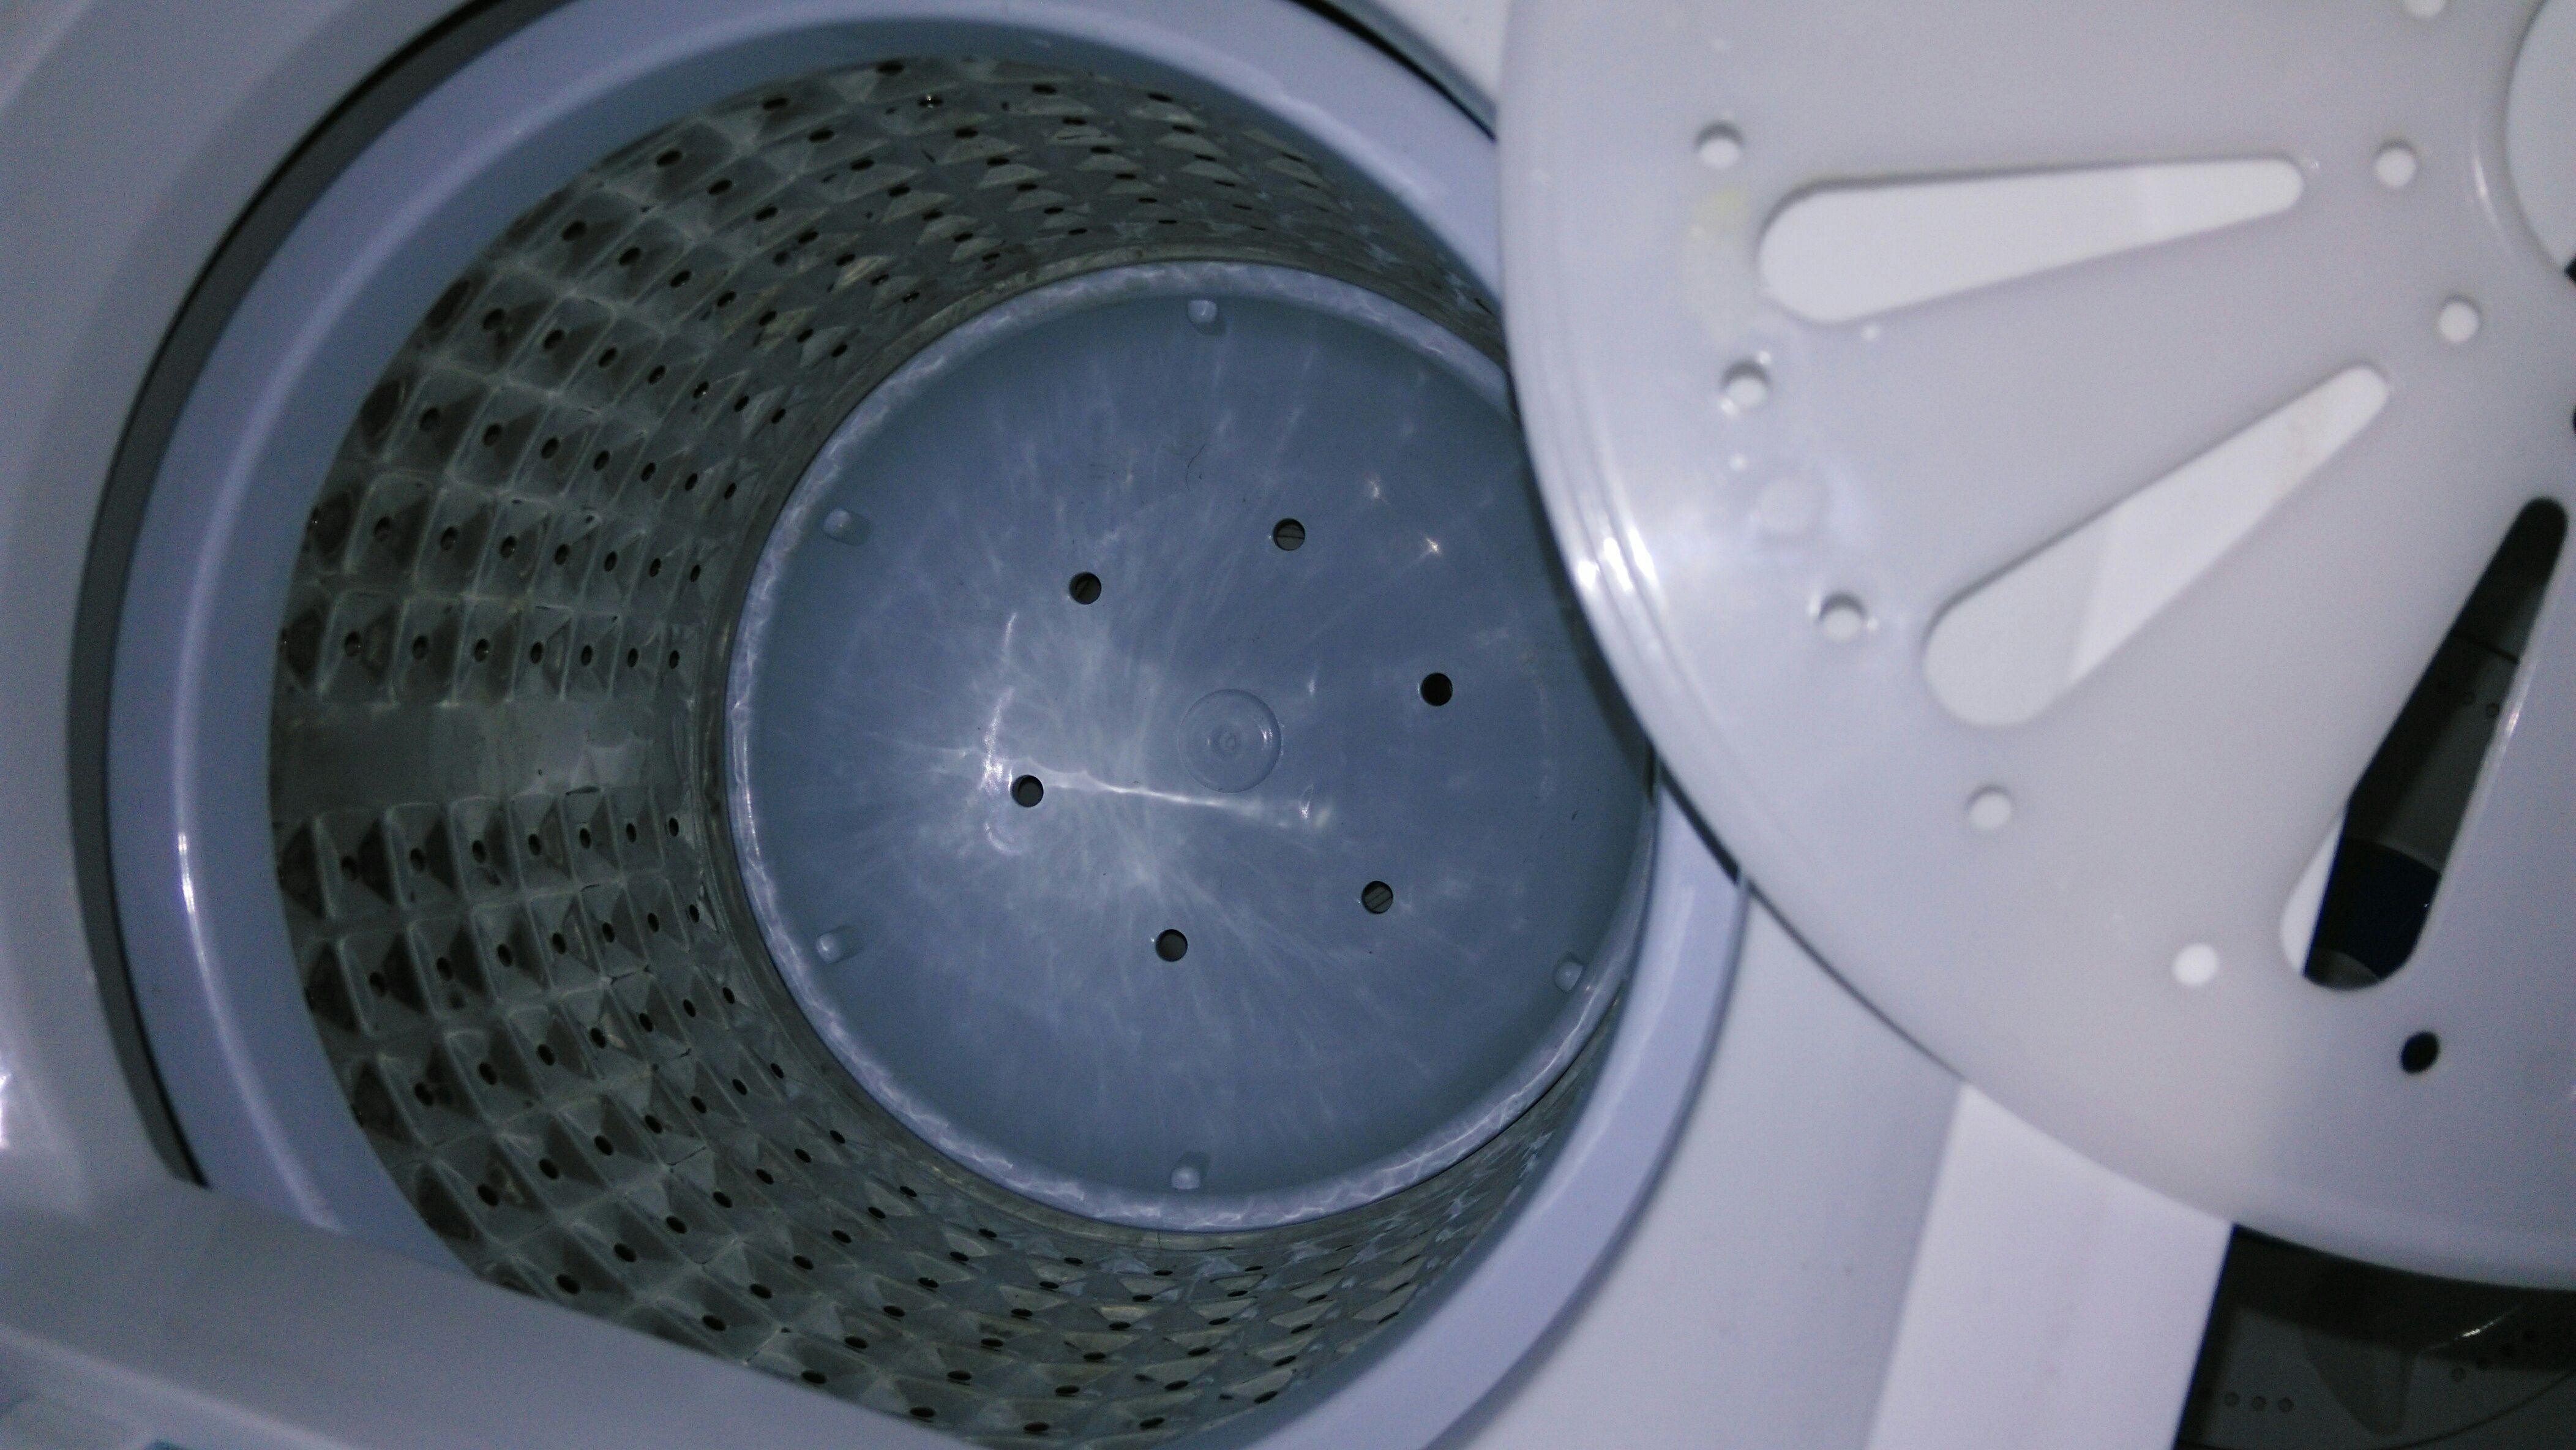 二手正品山东小鸭牌35c双桶双筒小鸭迷你小洗衣机